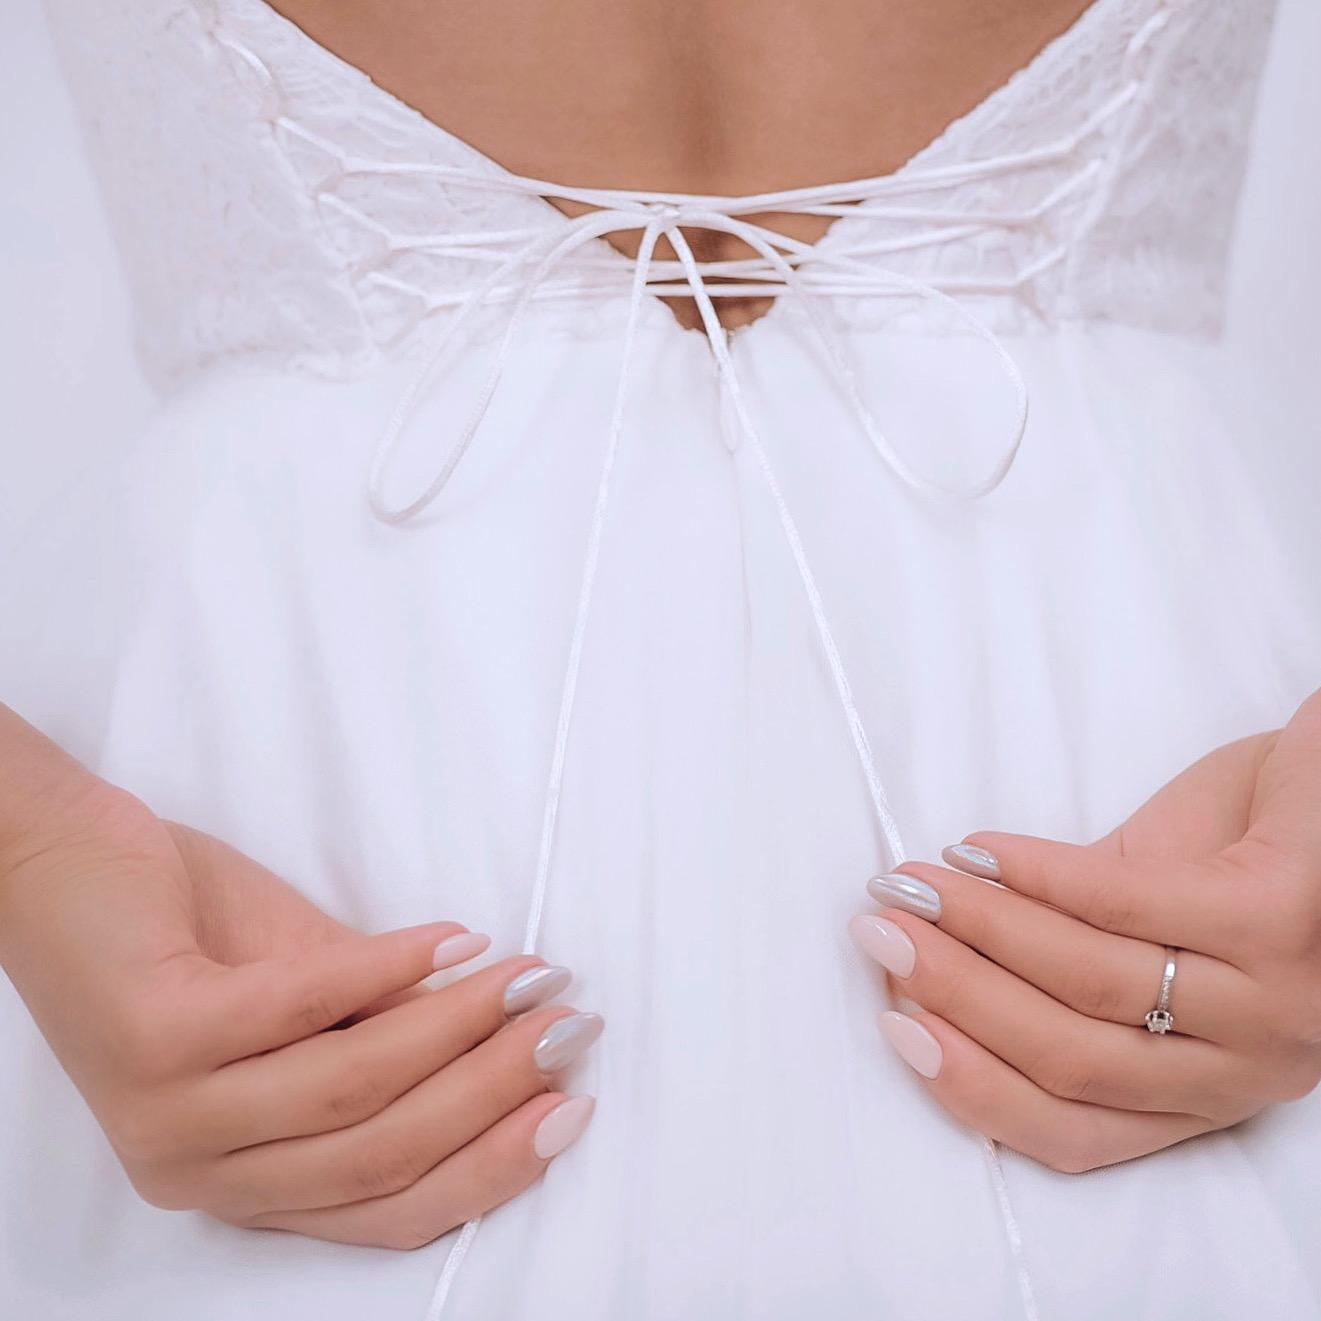 Can I Insure My Wedding During Coronavirus?